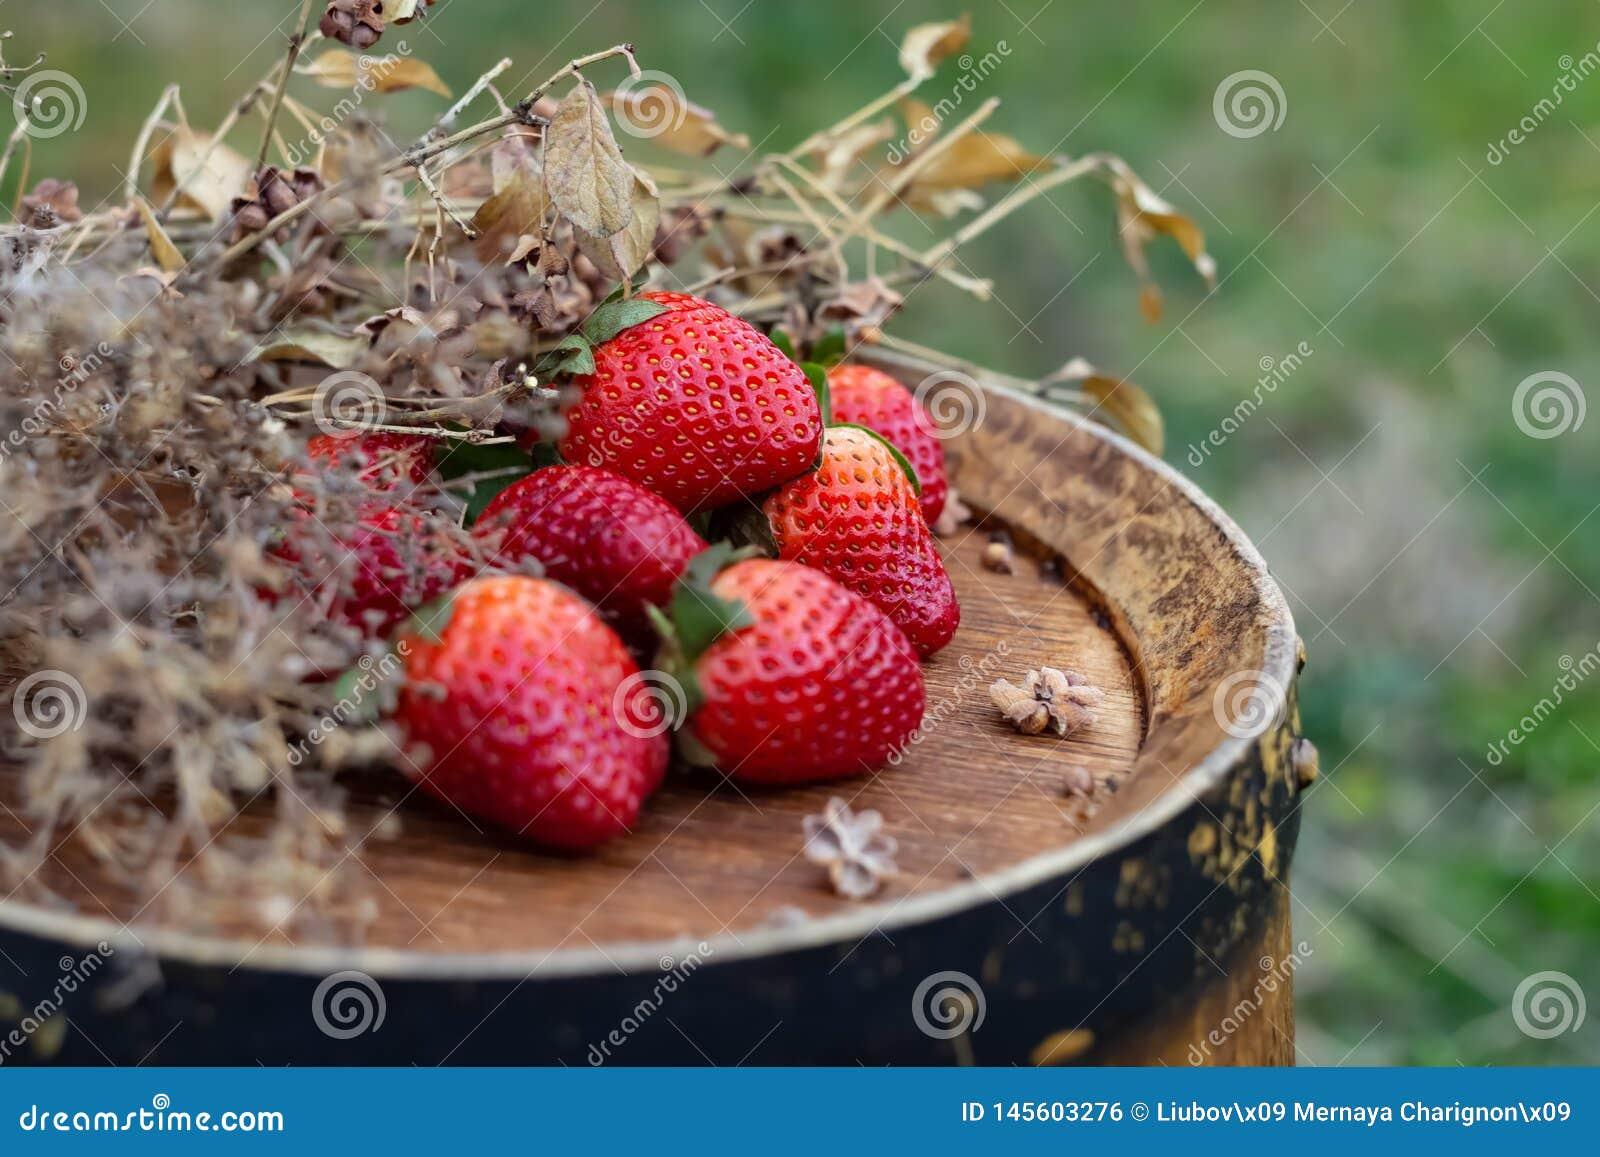 Φράουλες σε ένα ξύλινο βαρέλι κρασιού σε έναν οπωρώνα στο καλοκαίρι